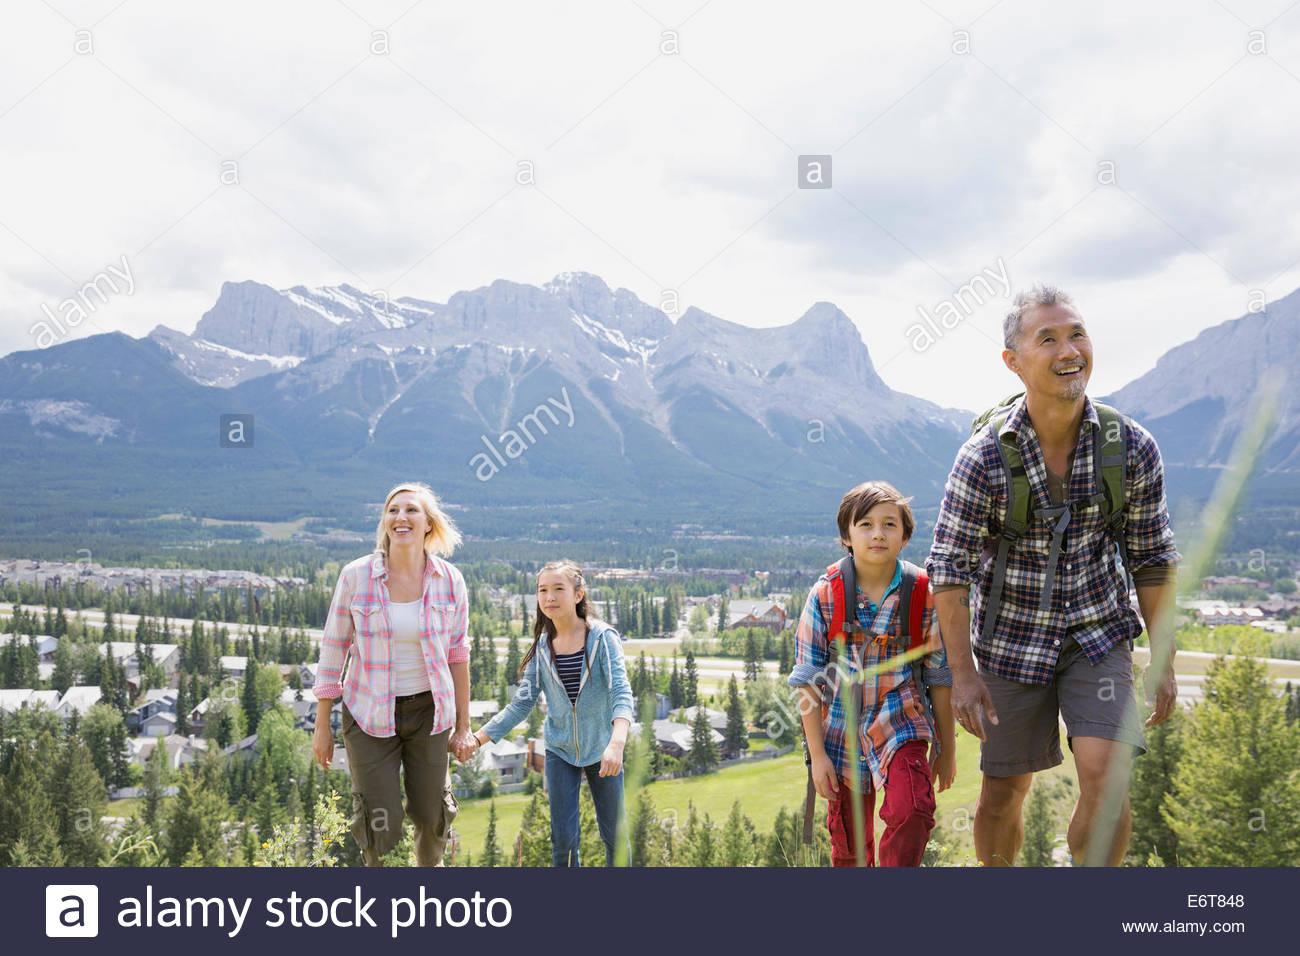 Family hiking on rural hillside - Stock Image